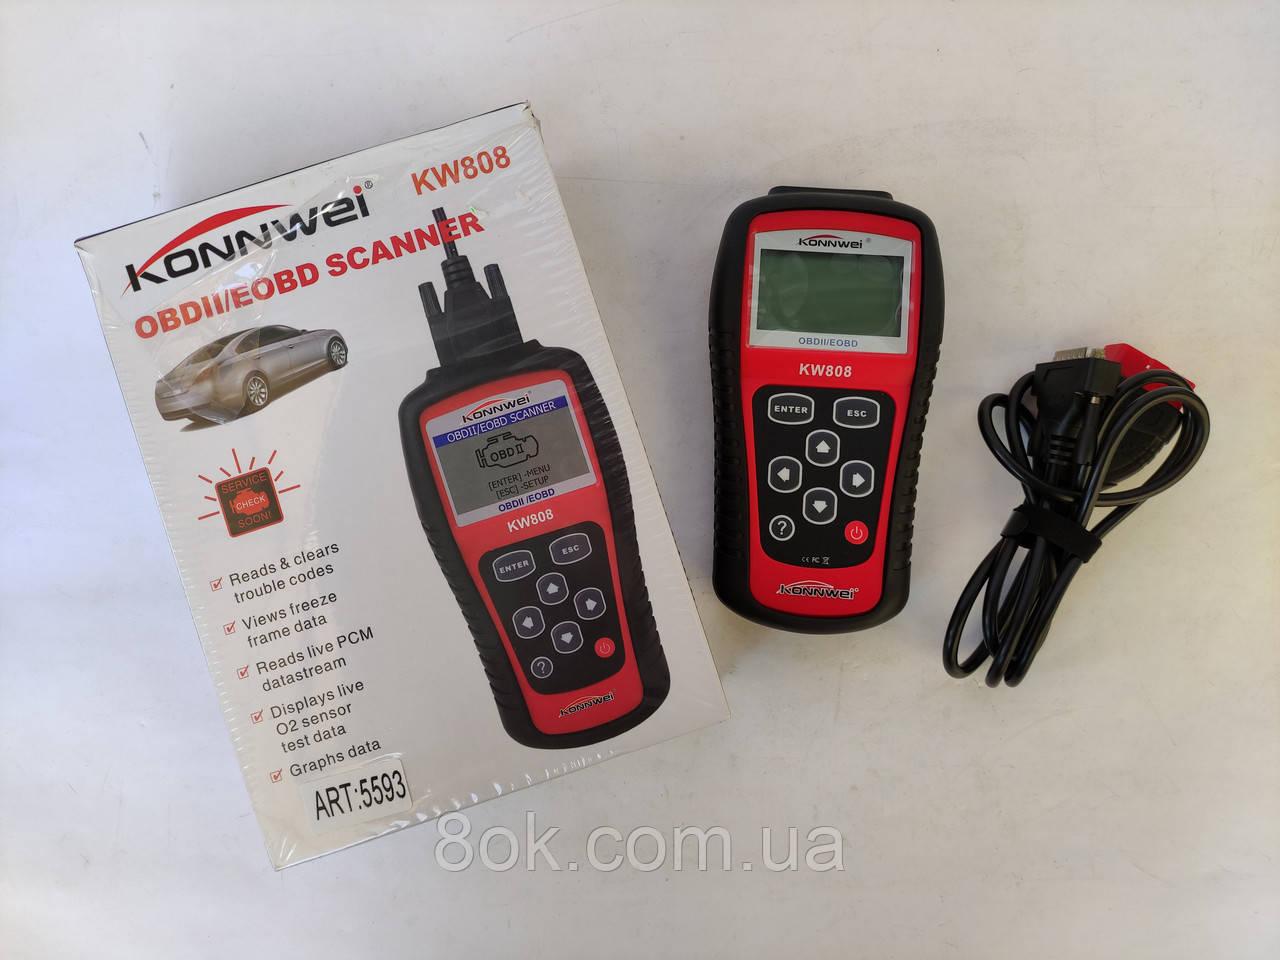 Автомобільний діагностичний сканер Konnwei KW808 OBD II / EOBD